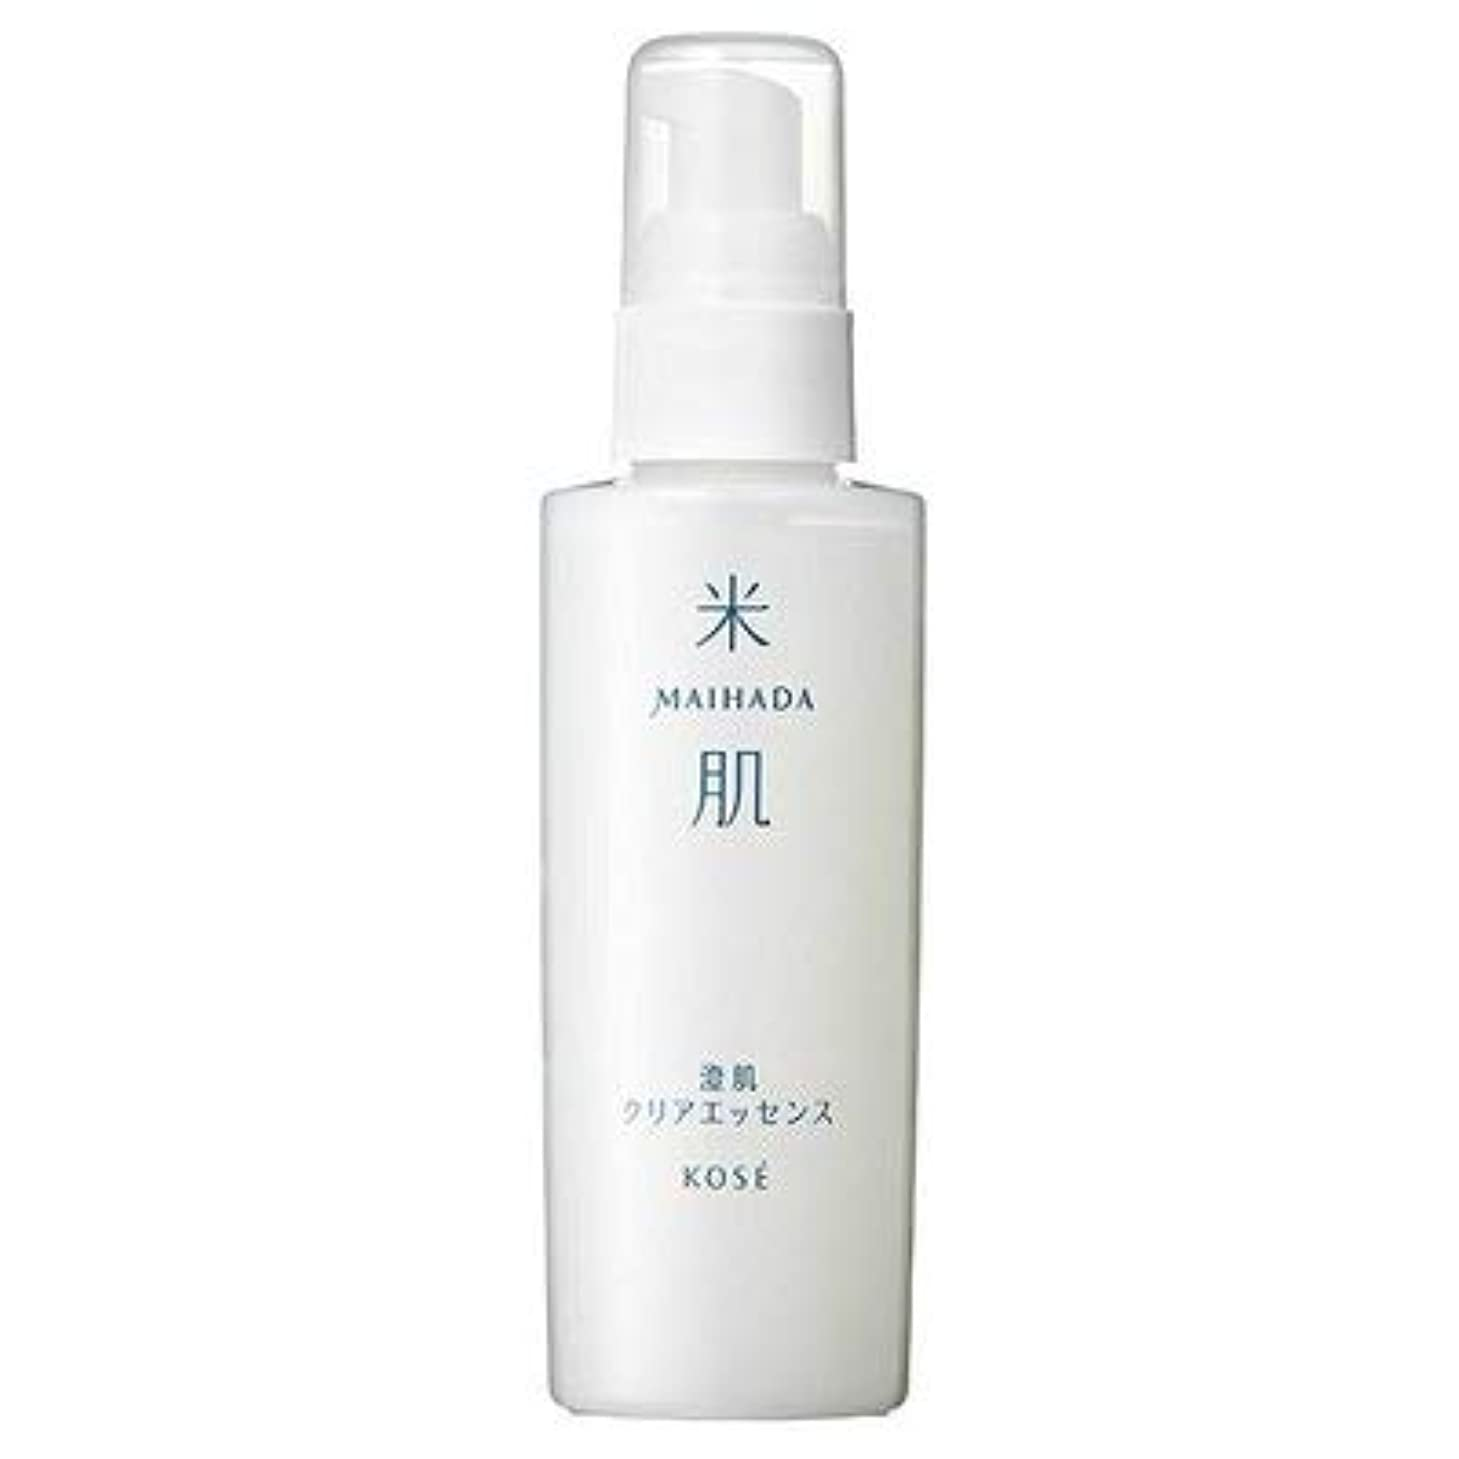 加速度大胆撃退する米肌 澄肌クリアエッセンス(本体/無香料) 美容液